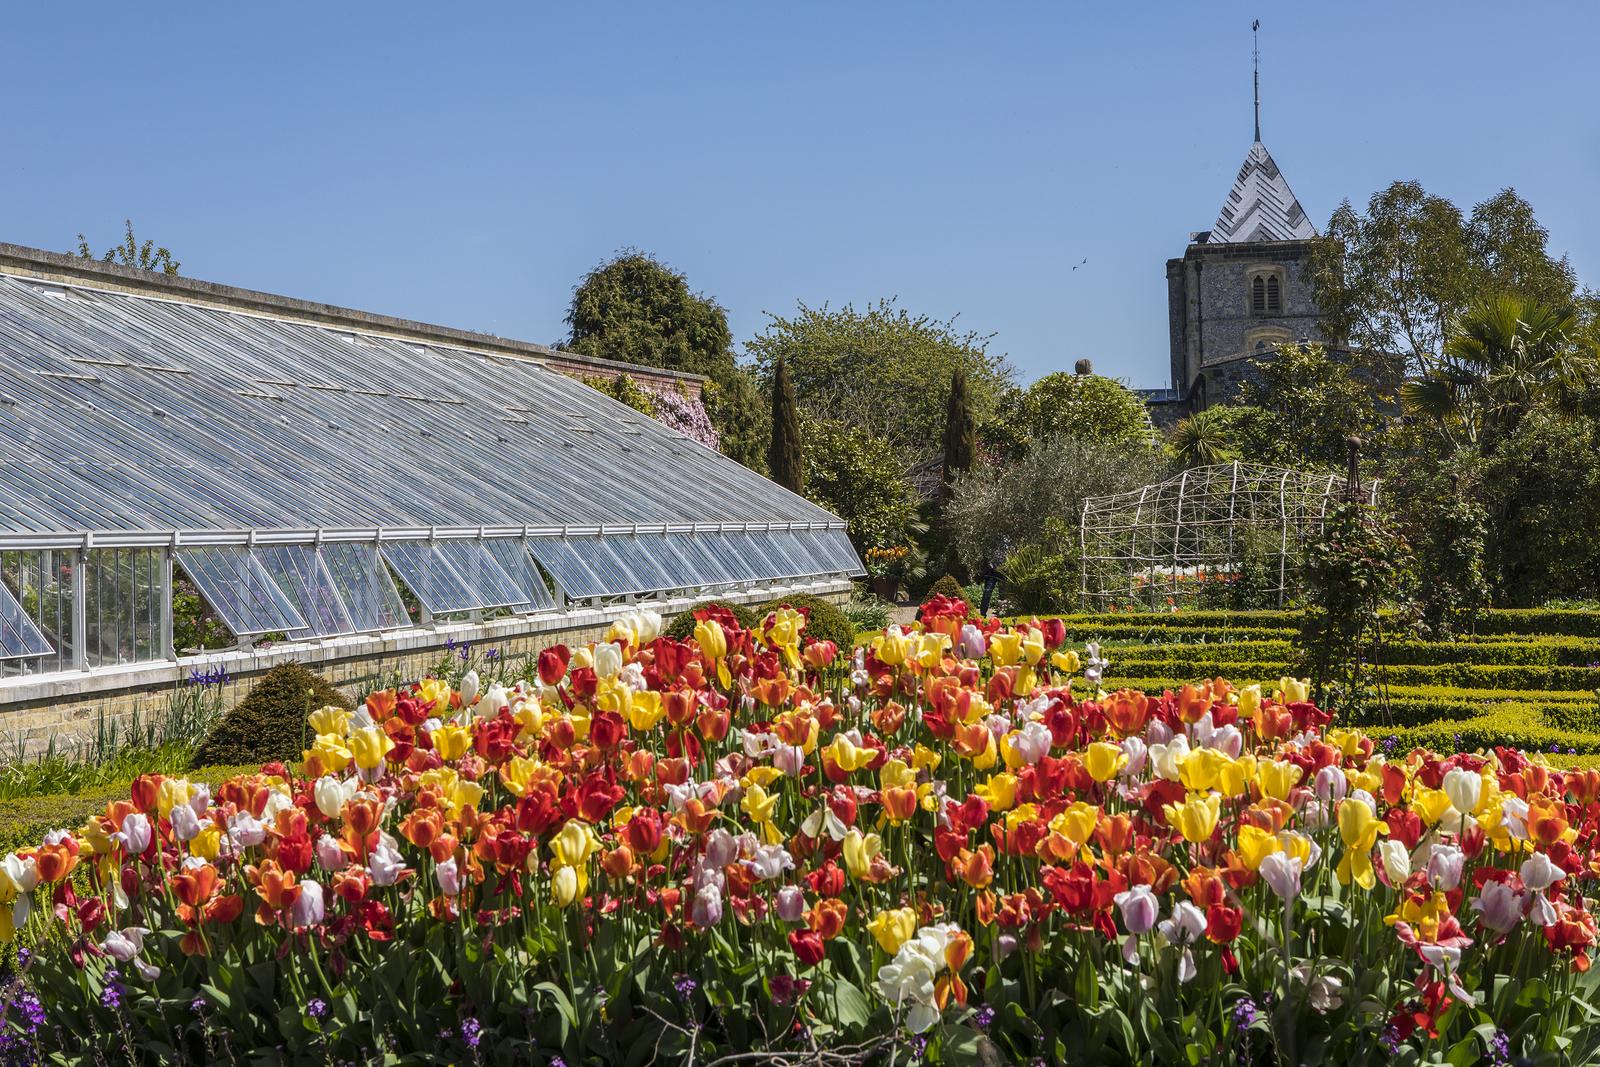 Visit The National Garden Scheme This Spring